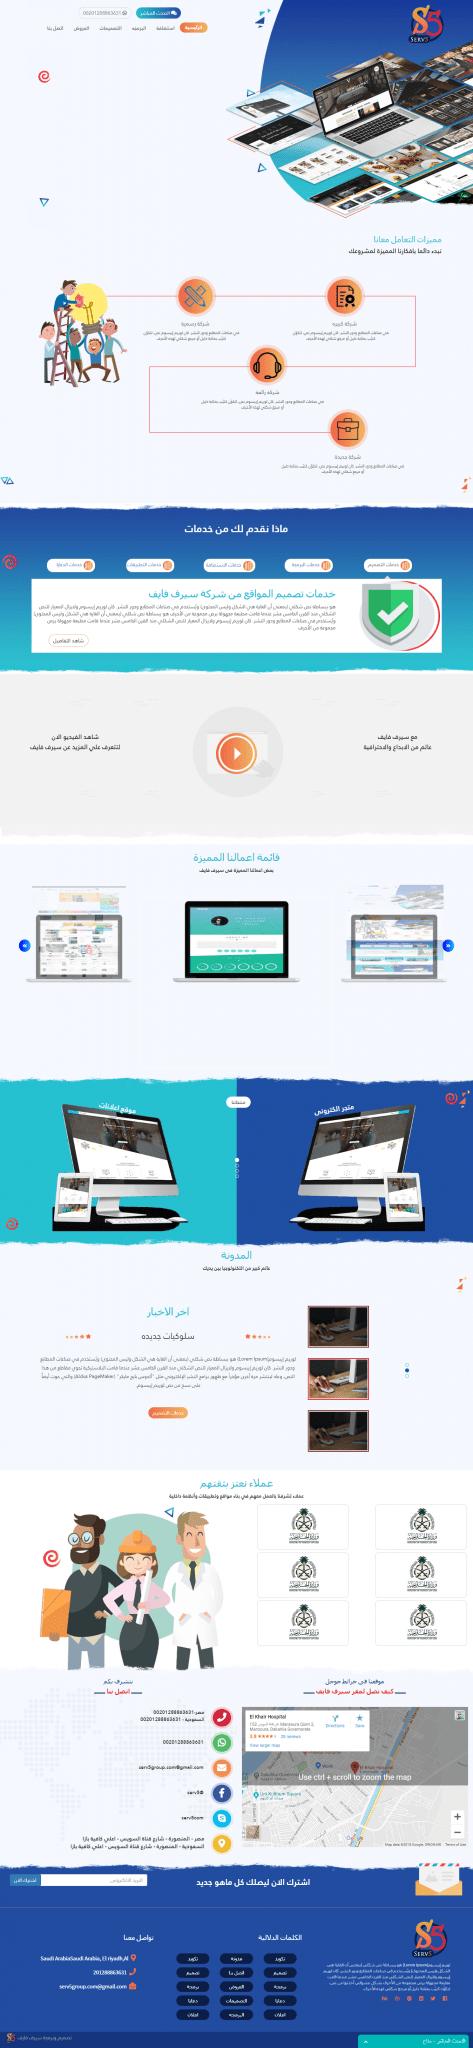 تصميم موقع شركة تصميم مواقع